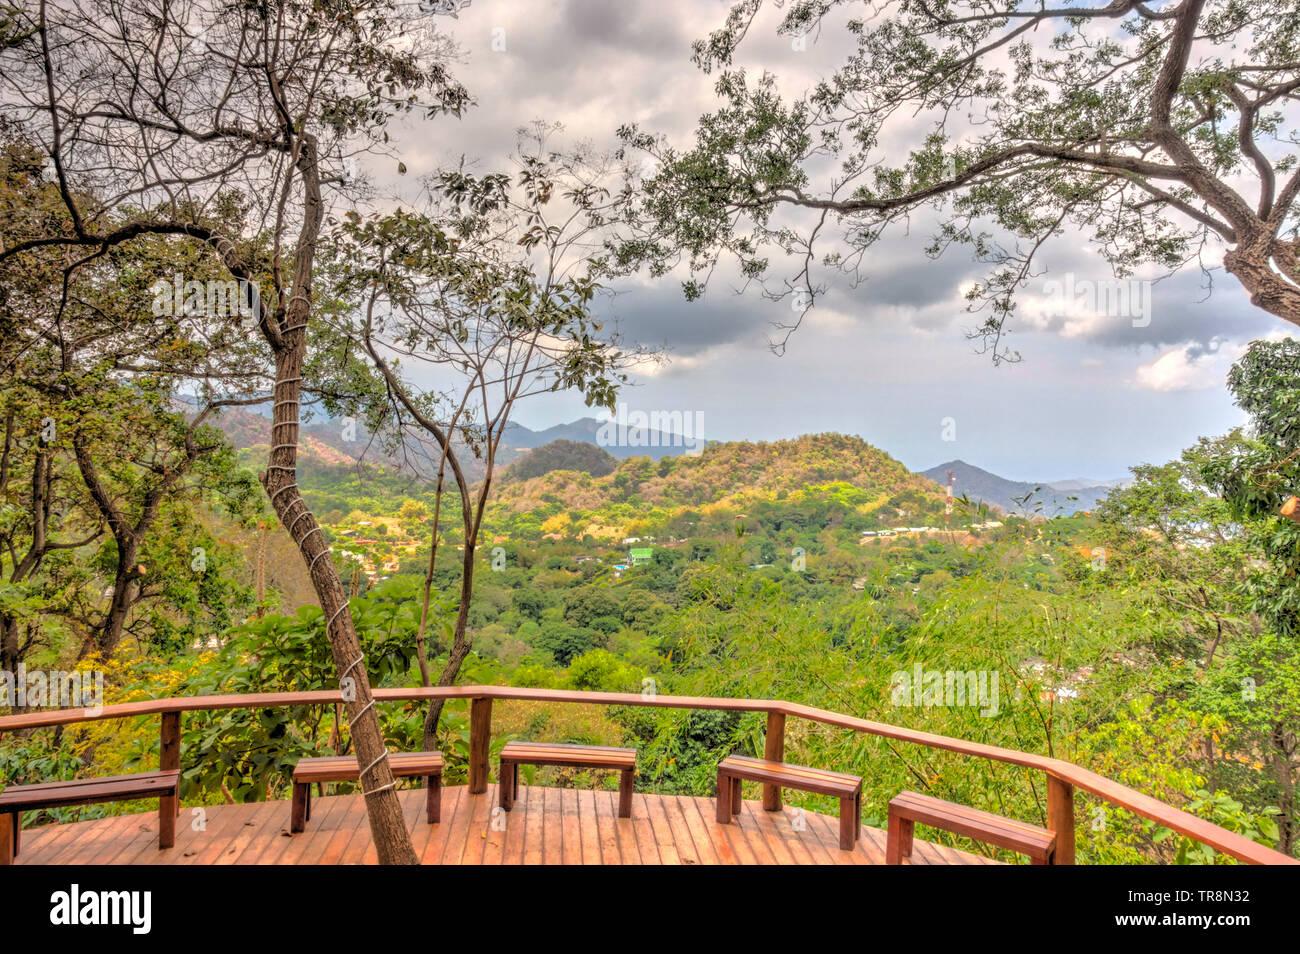 Minca Colombia Stock Photo Alamy